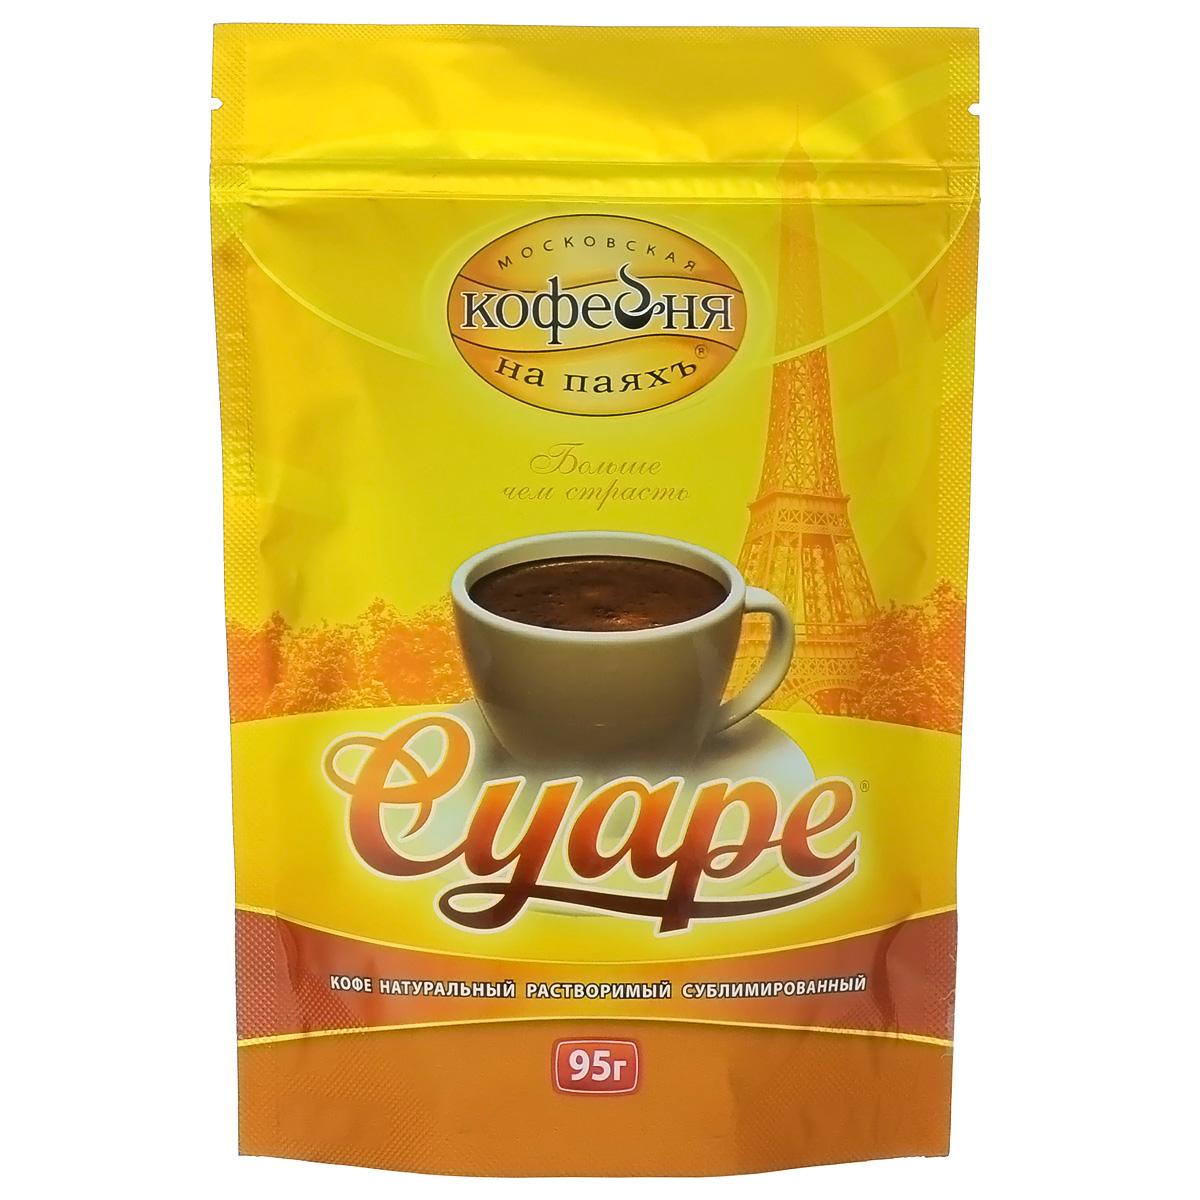 купить Московская кофейня на паяхъ Суаре кофе растворимый, пакет 95 г недорого